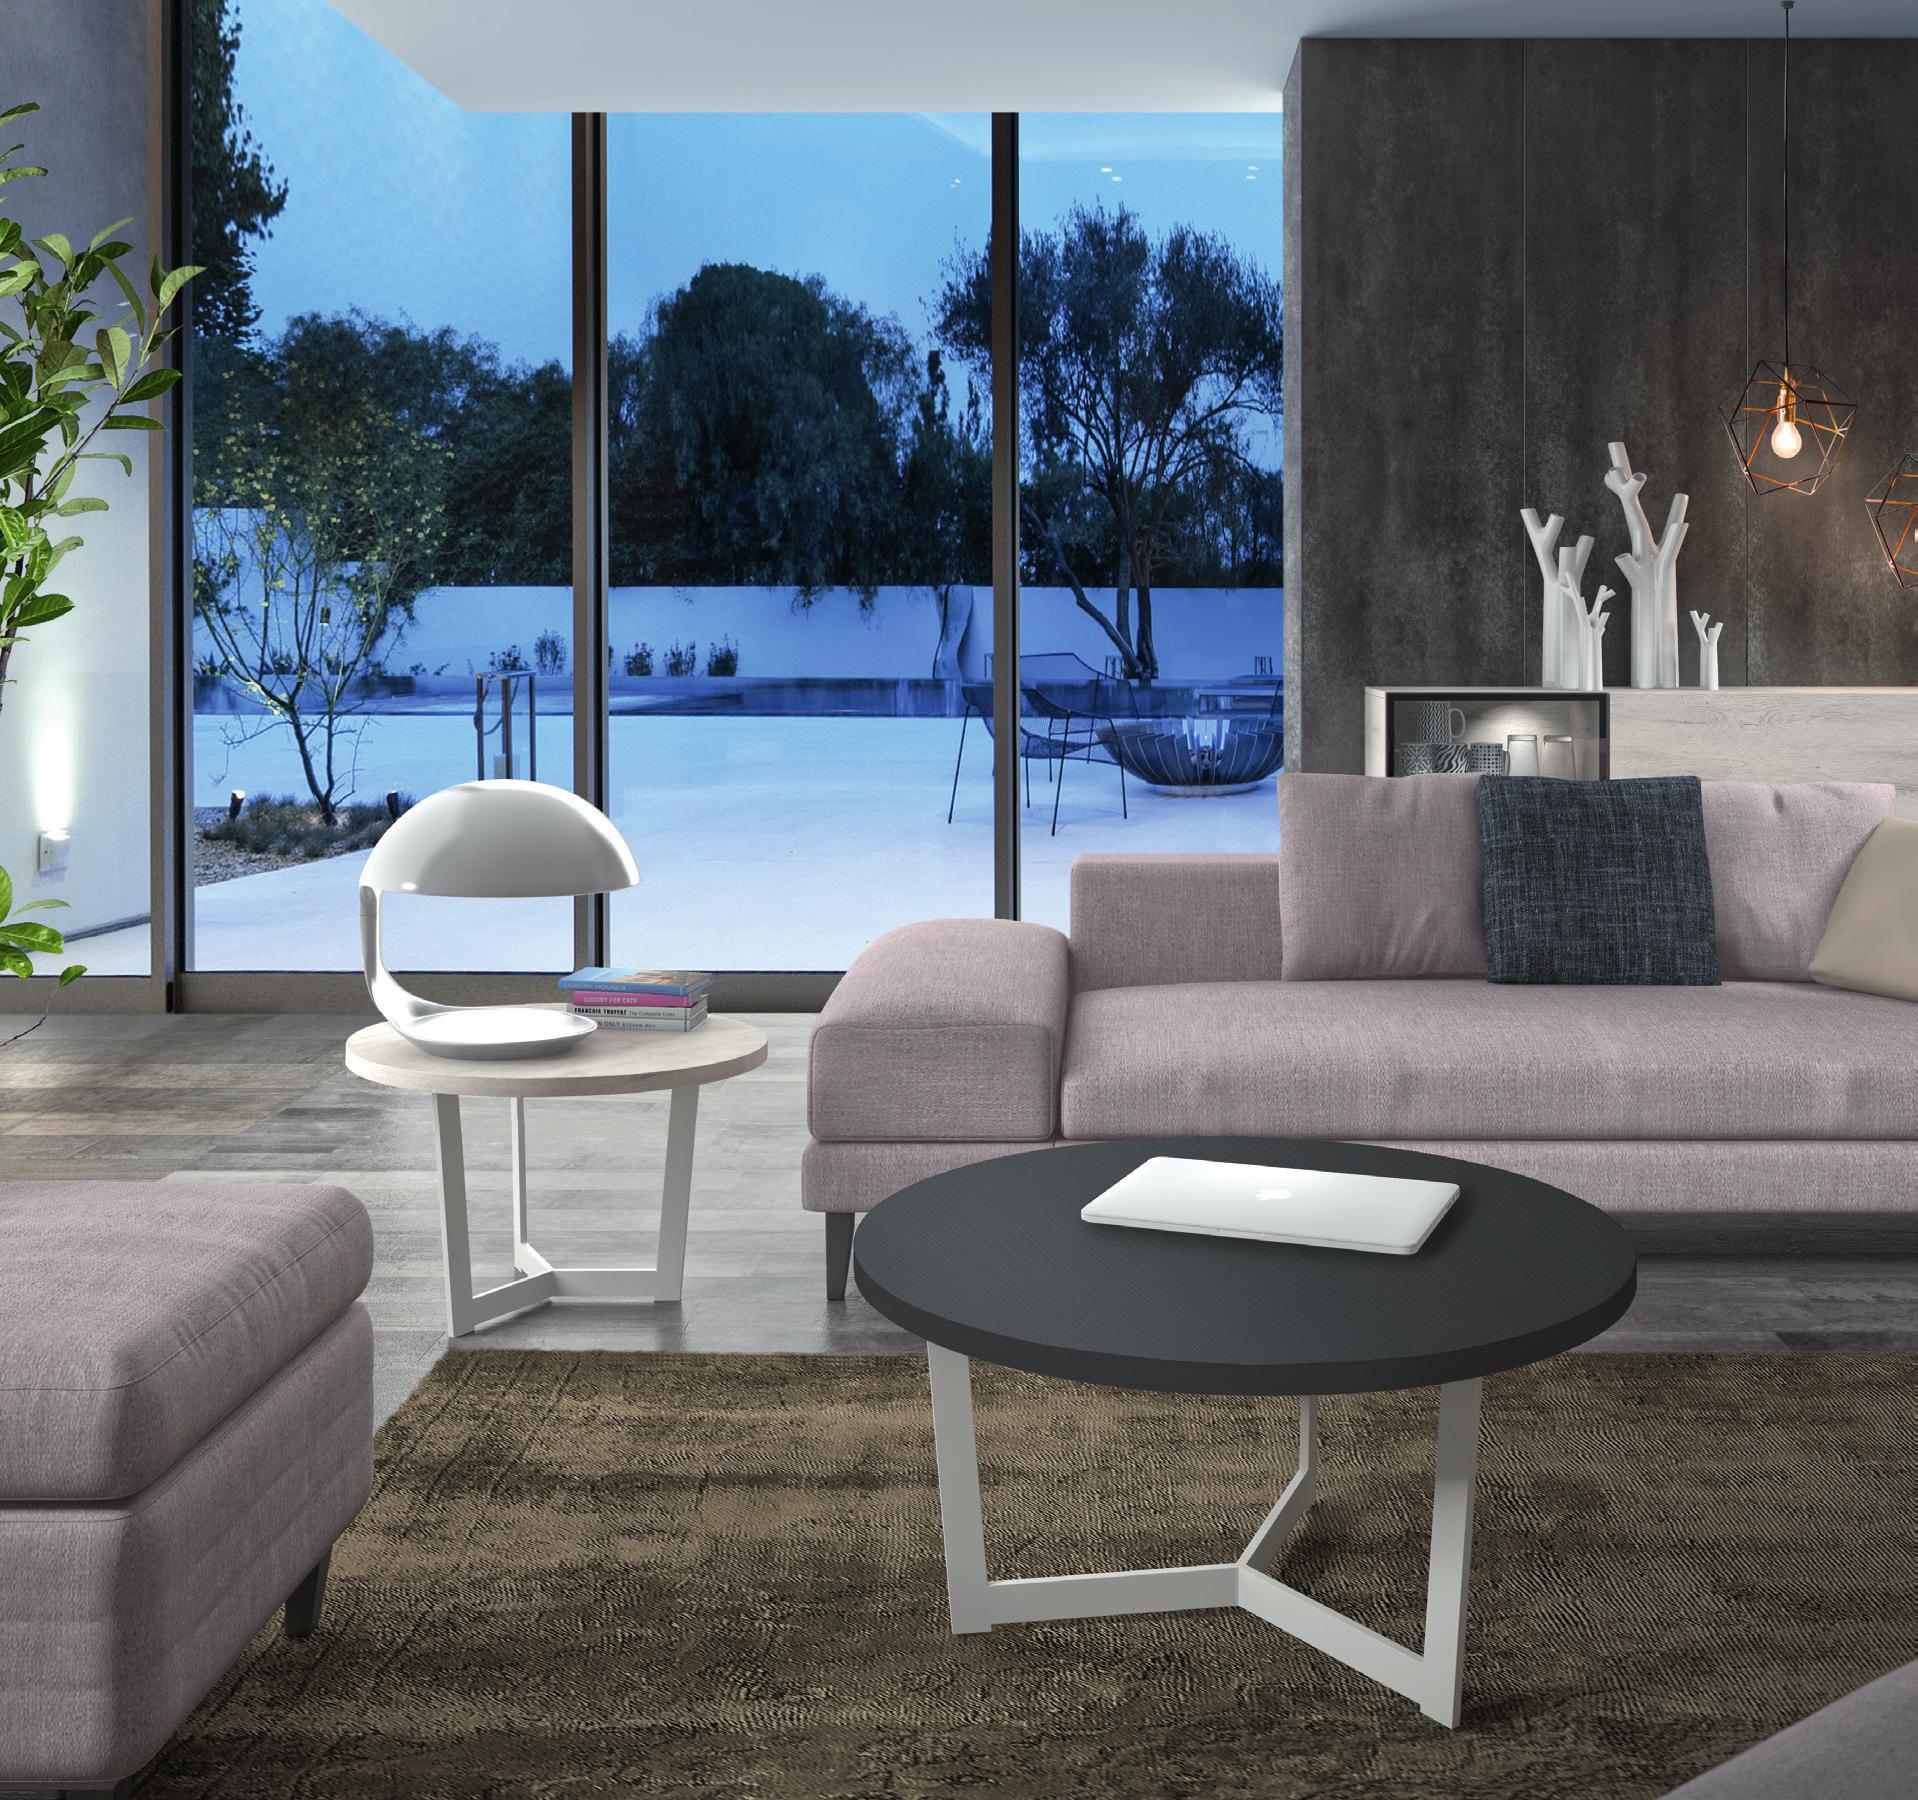 Mesa de centro redonda 60 cm diametro muebles adama - Patas para mesa de centro ...